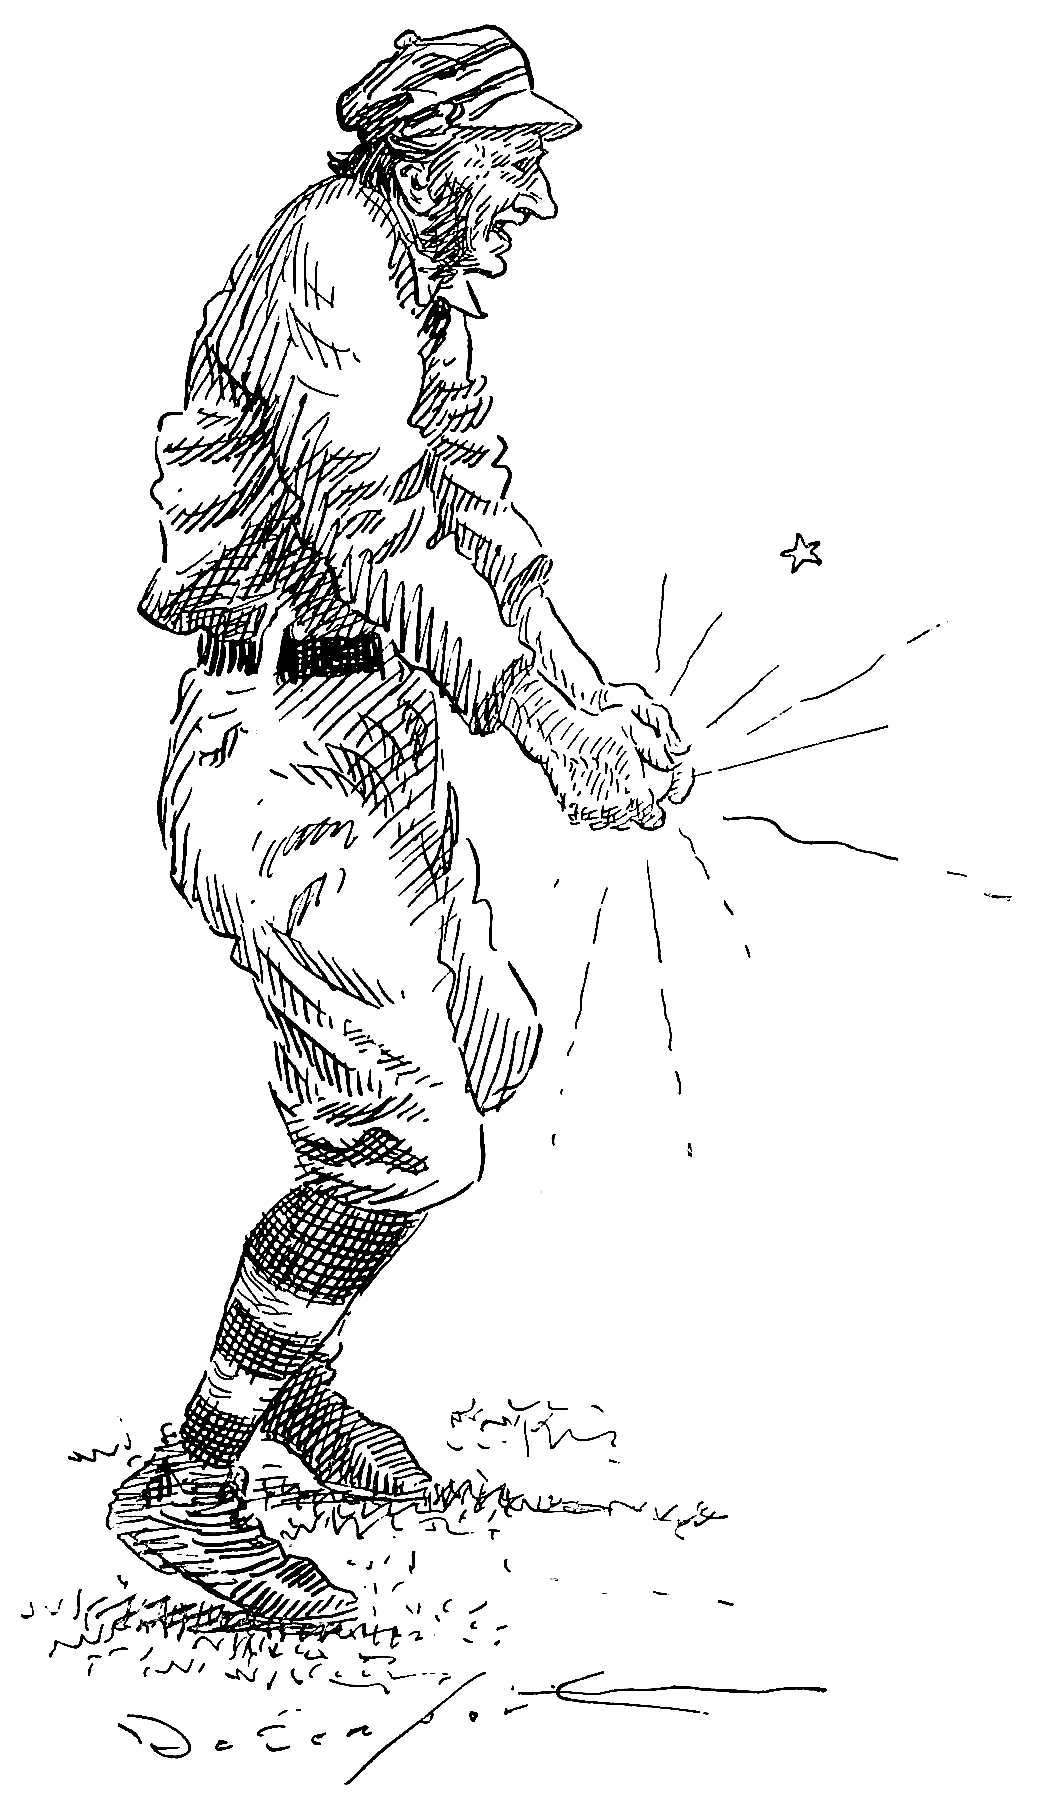 Histoire du gant de baseball